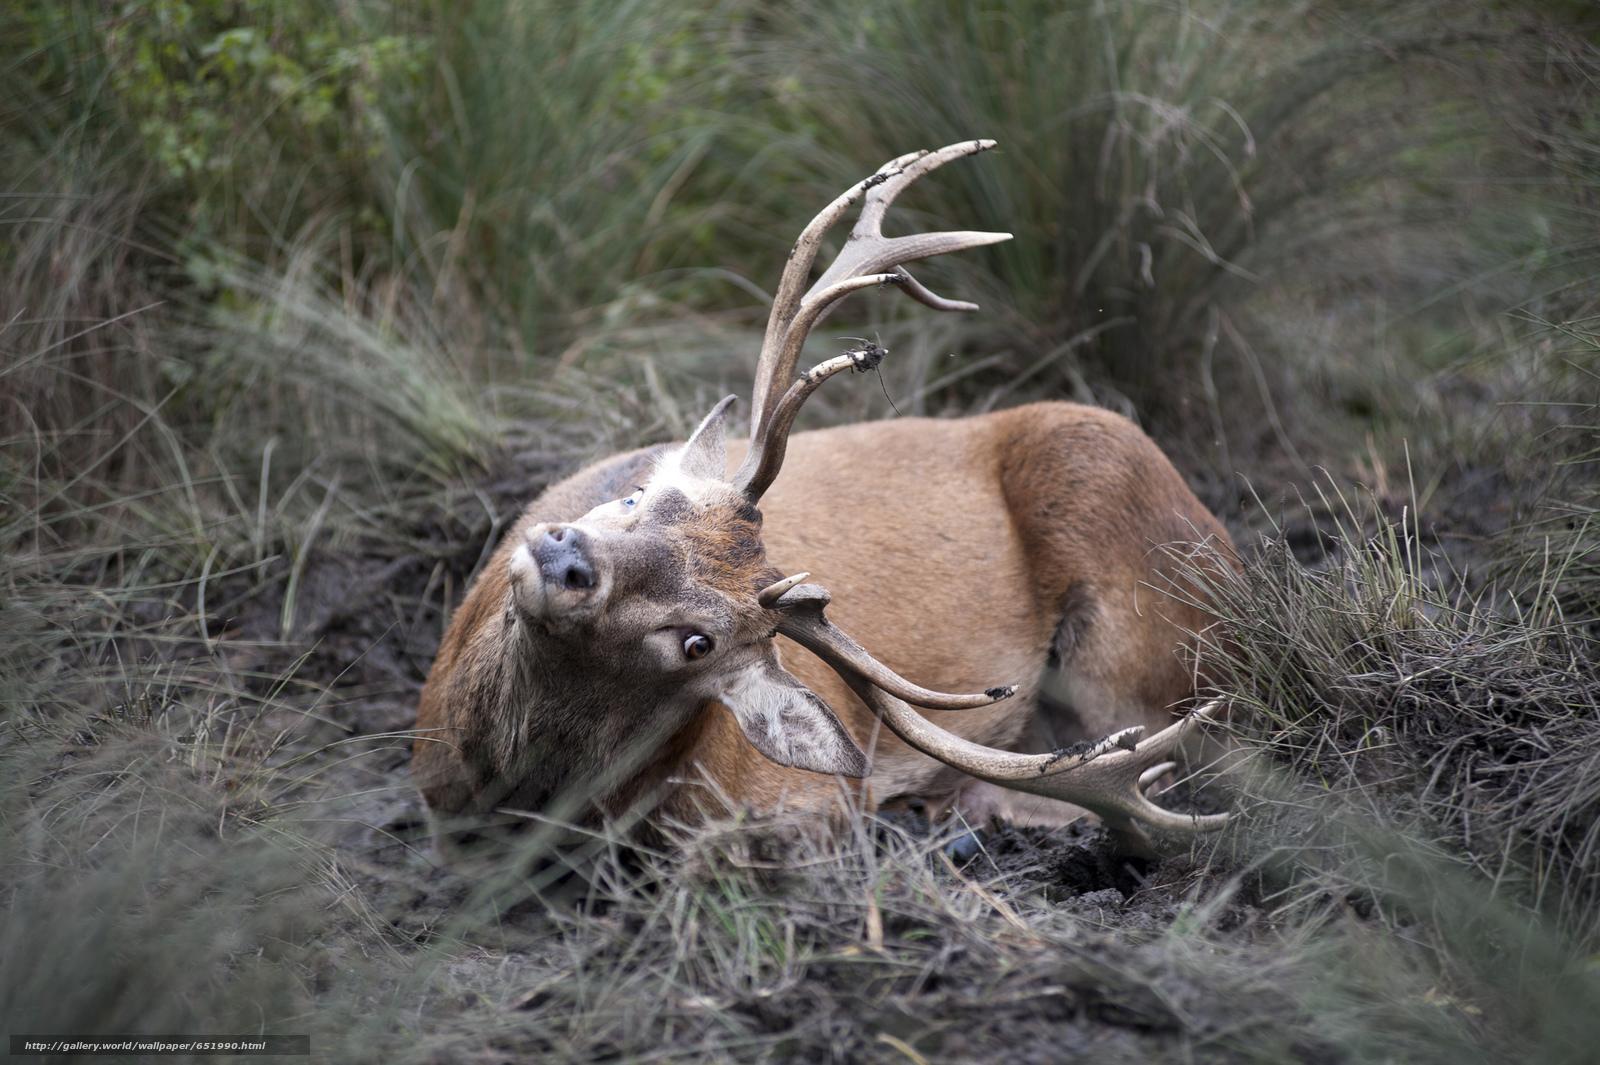 Скачать обои олень,  олени,  животные,  парнокопытные бесплатно для рабочего стола в разрешении 2048x1363 — картинка №651990